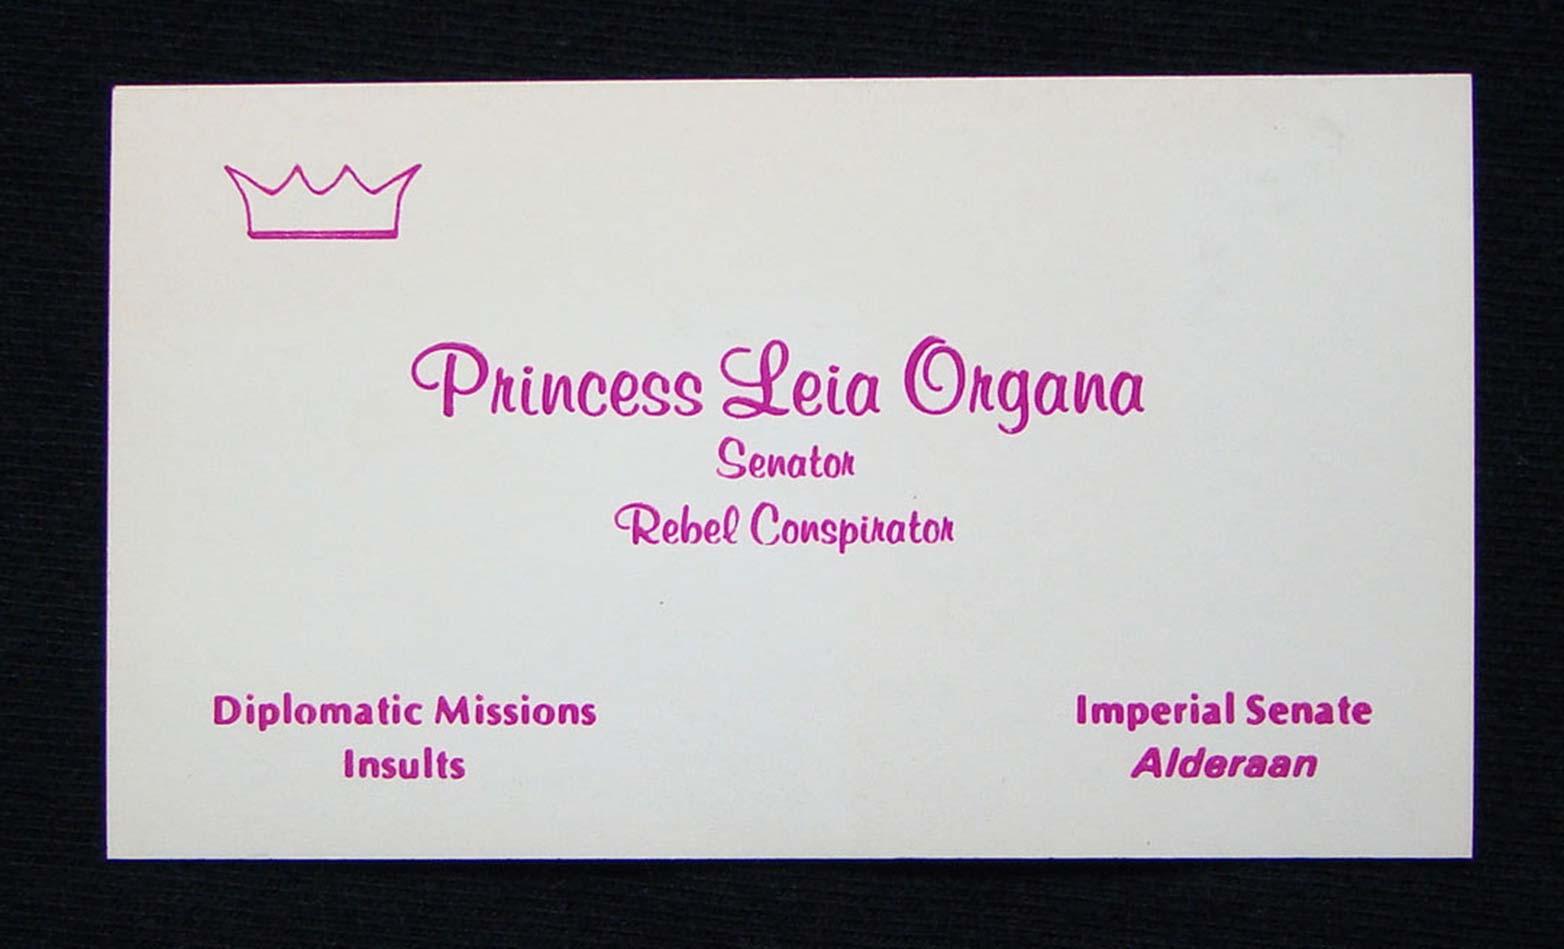 Business cards from a galaxy far, far away | Webdesigner Depot